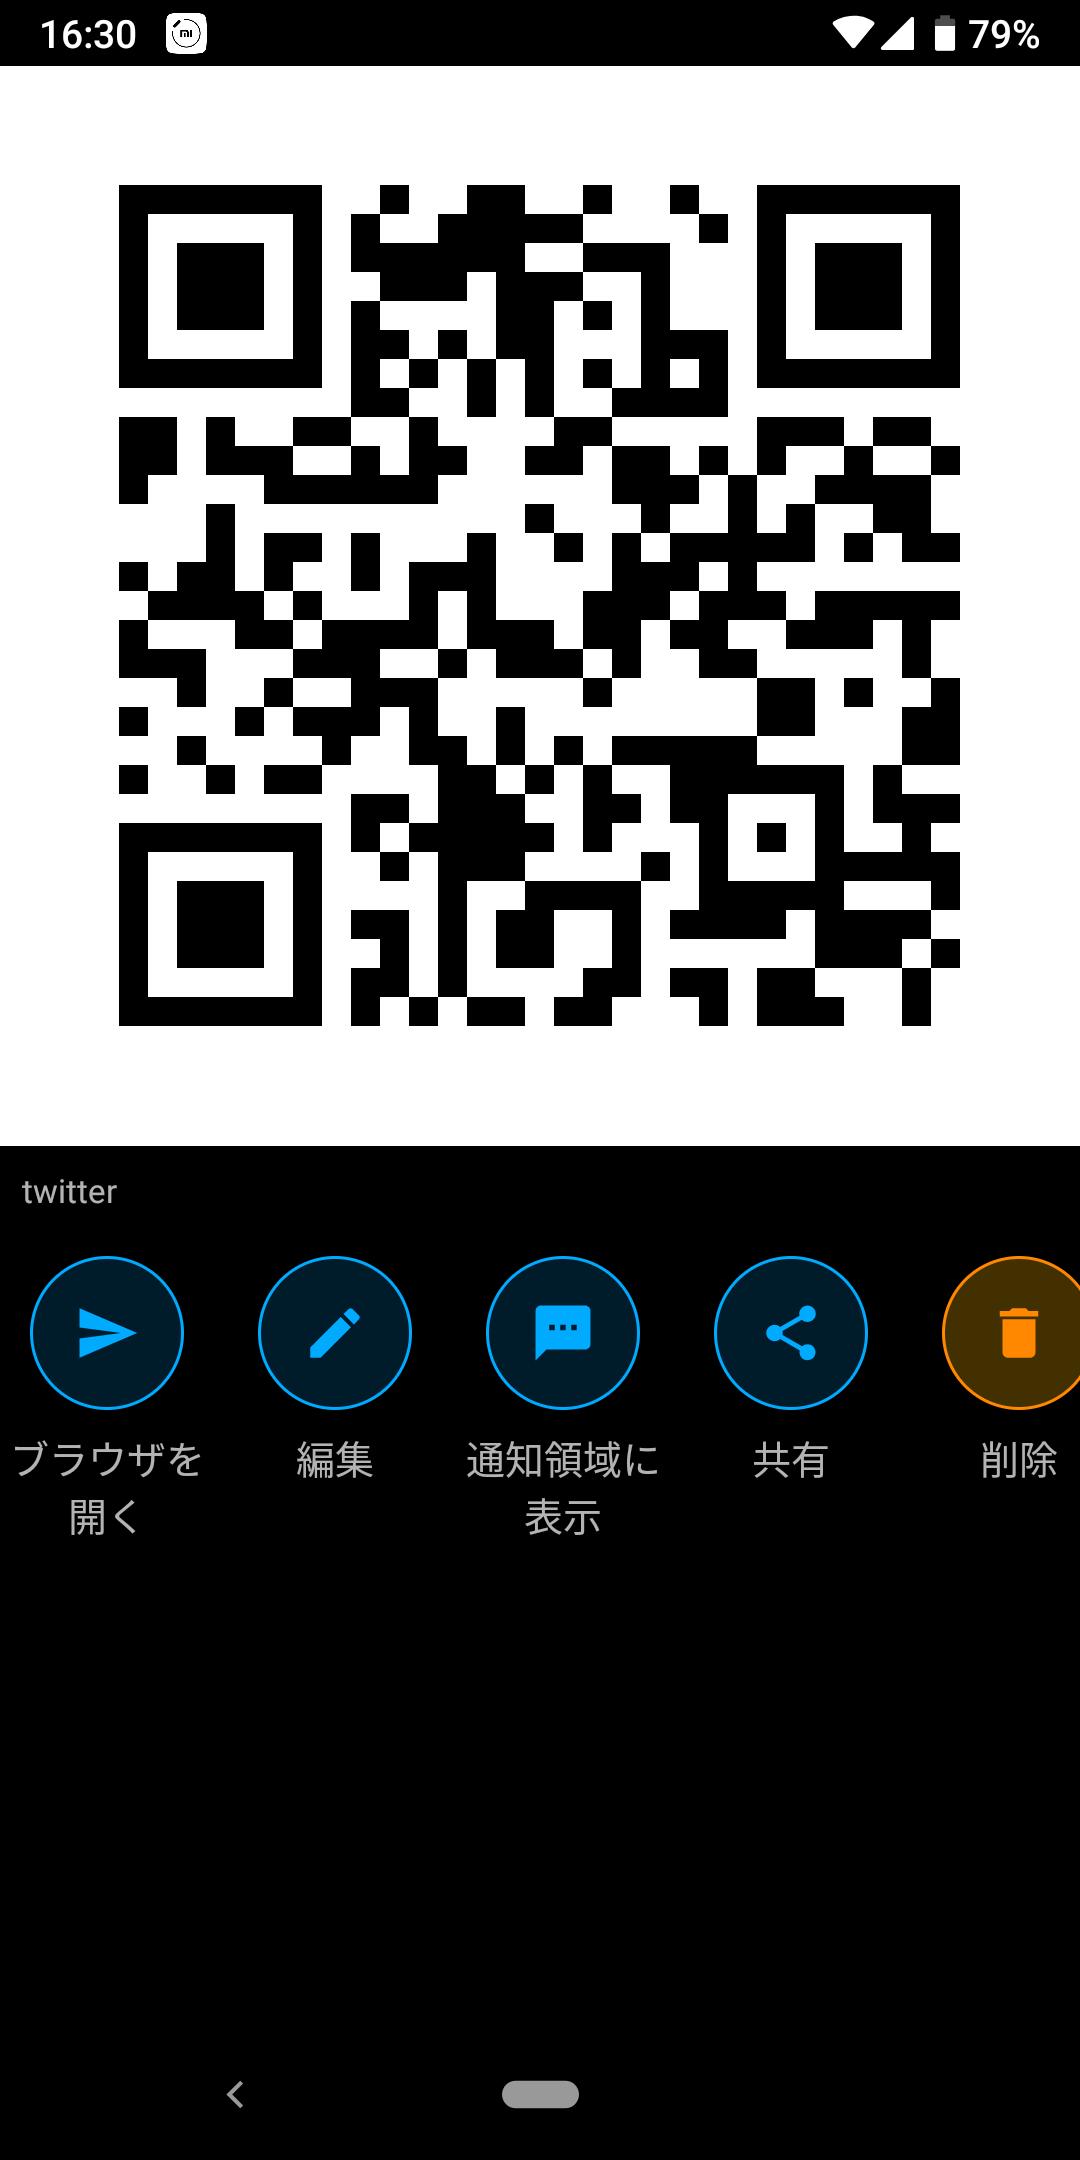 99d7acf6 f21f 46be a374 cb9e95f4ea64?1555306978